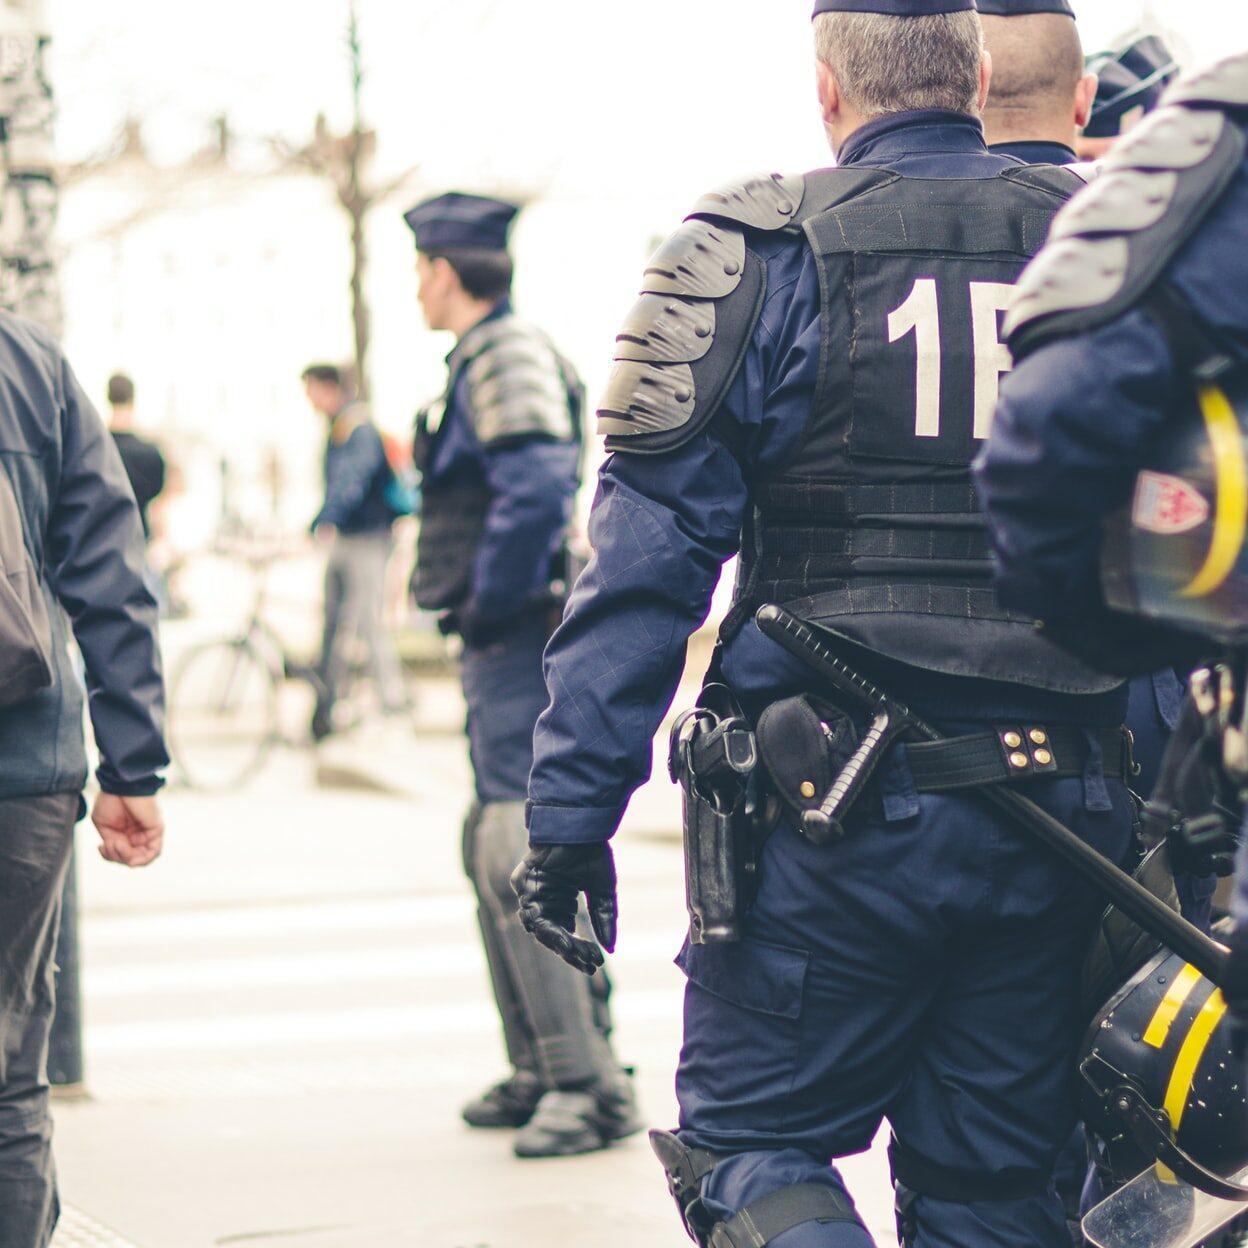 ataque terrorista no interior da França